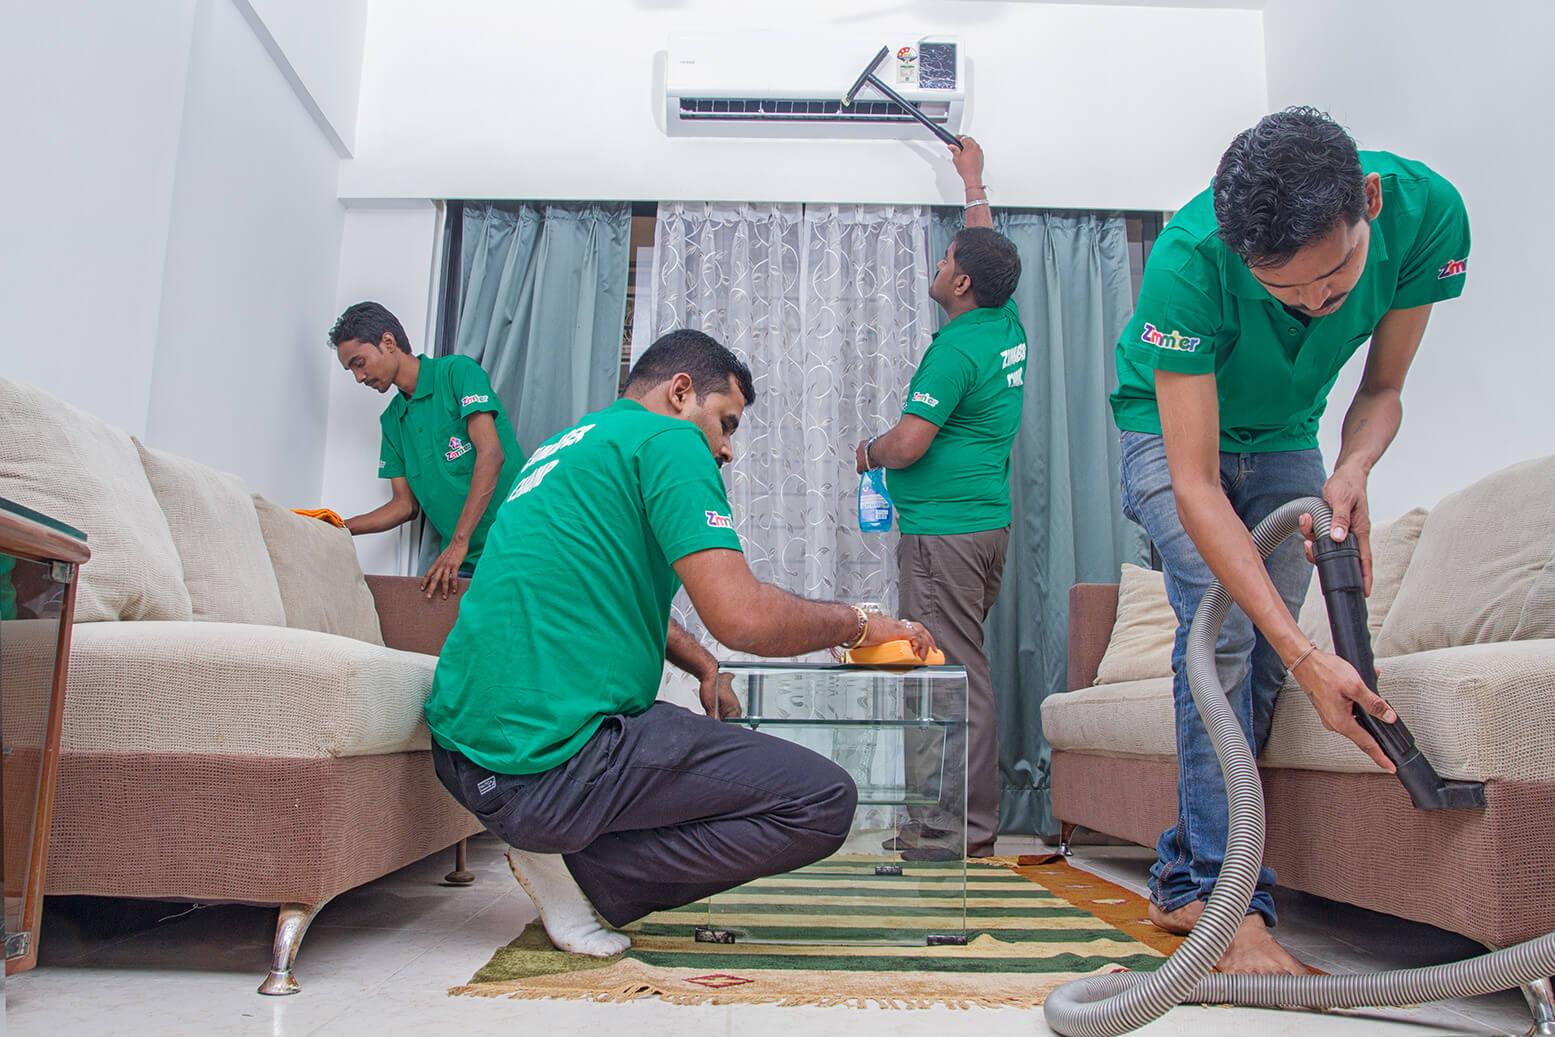 تنظيف المنزل دون عناء